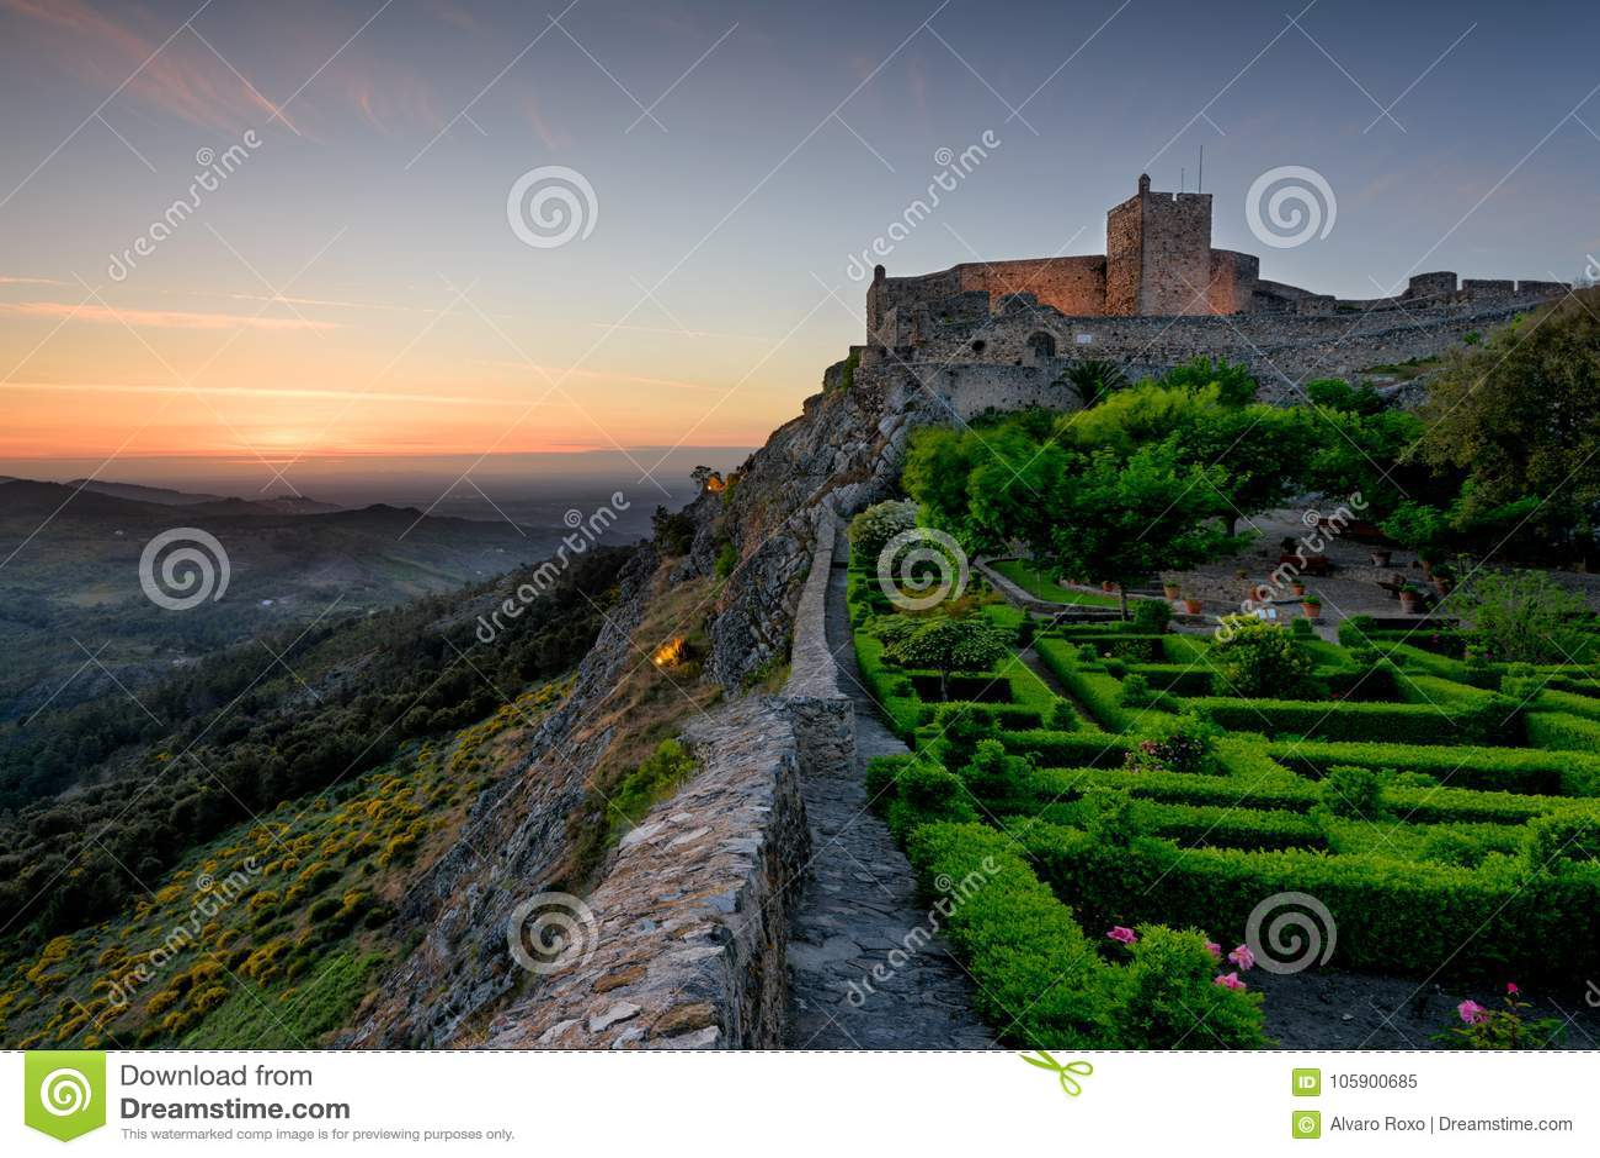 Mooie tuin binnen de muren van de vesting in Marvao, Alentejo